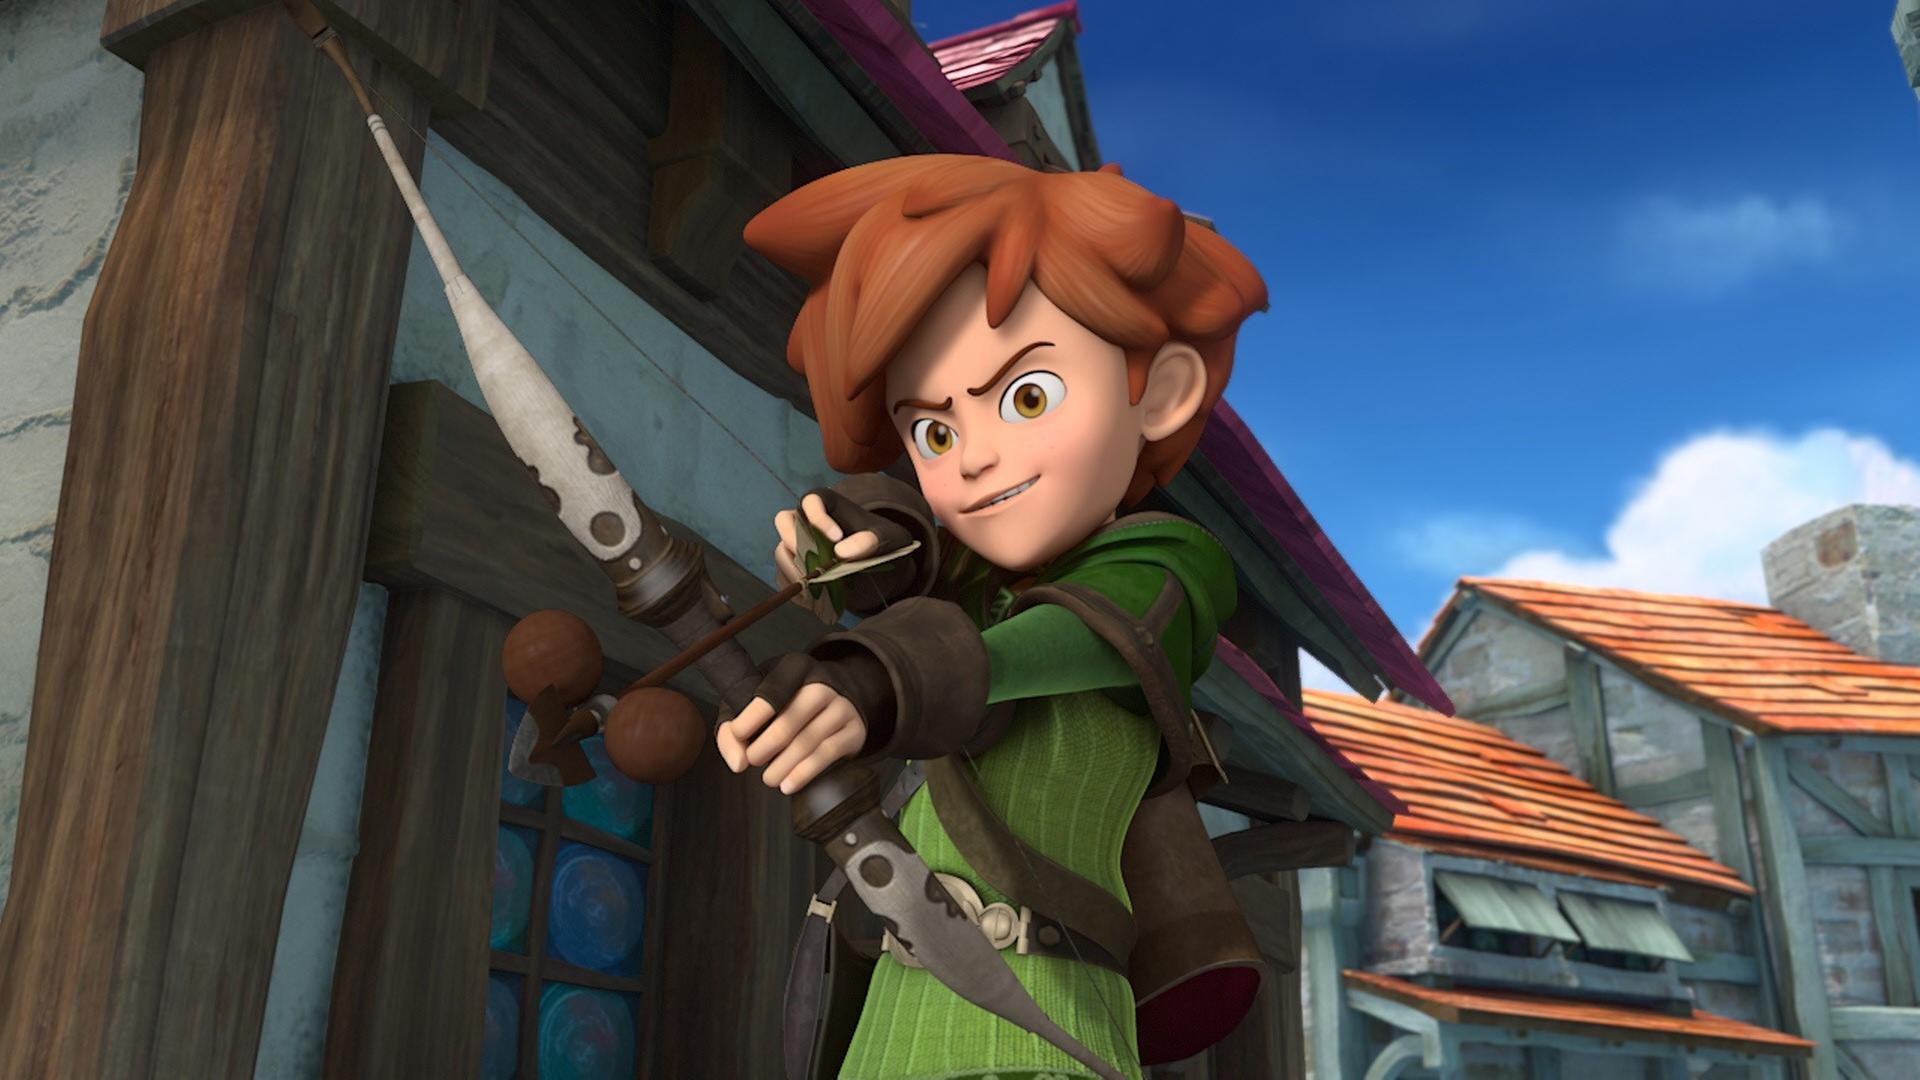 KiKA - Robin Hood